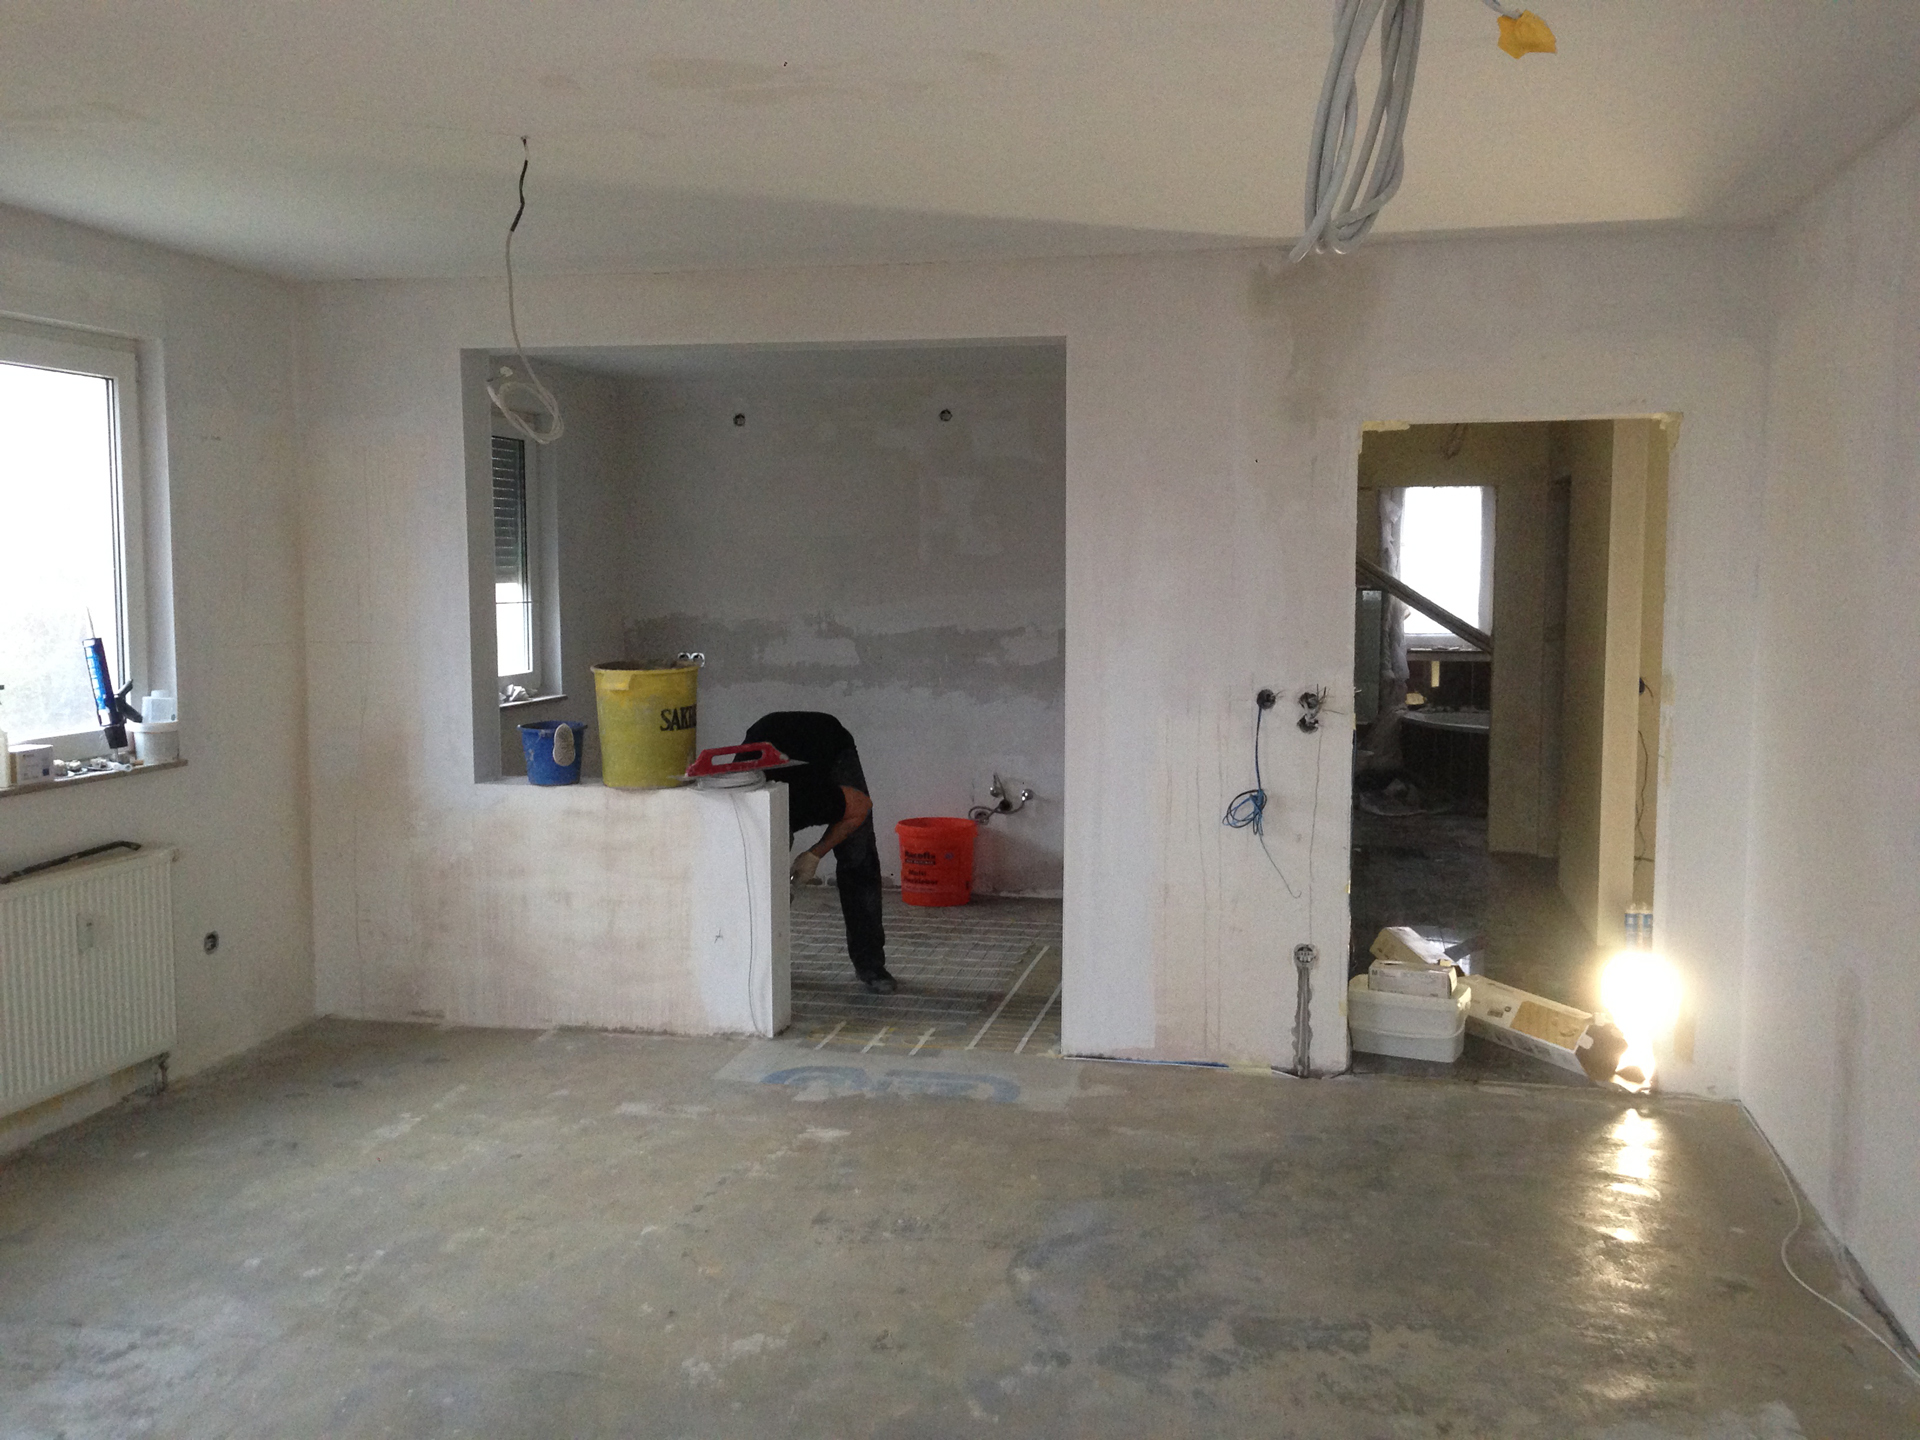 Wand Durchbruch wanddurchbruch offene küche. mediterrane küche landshut ikea